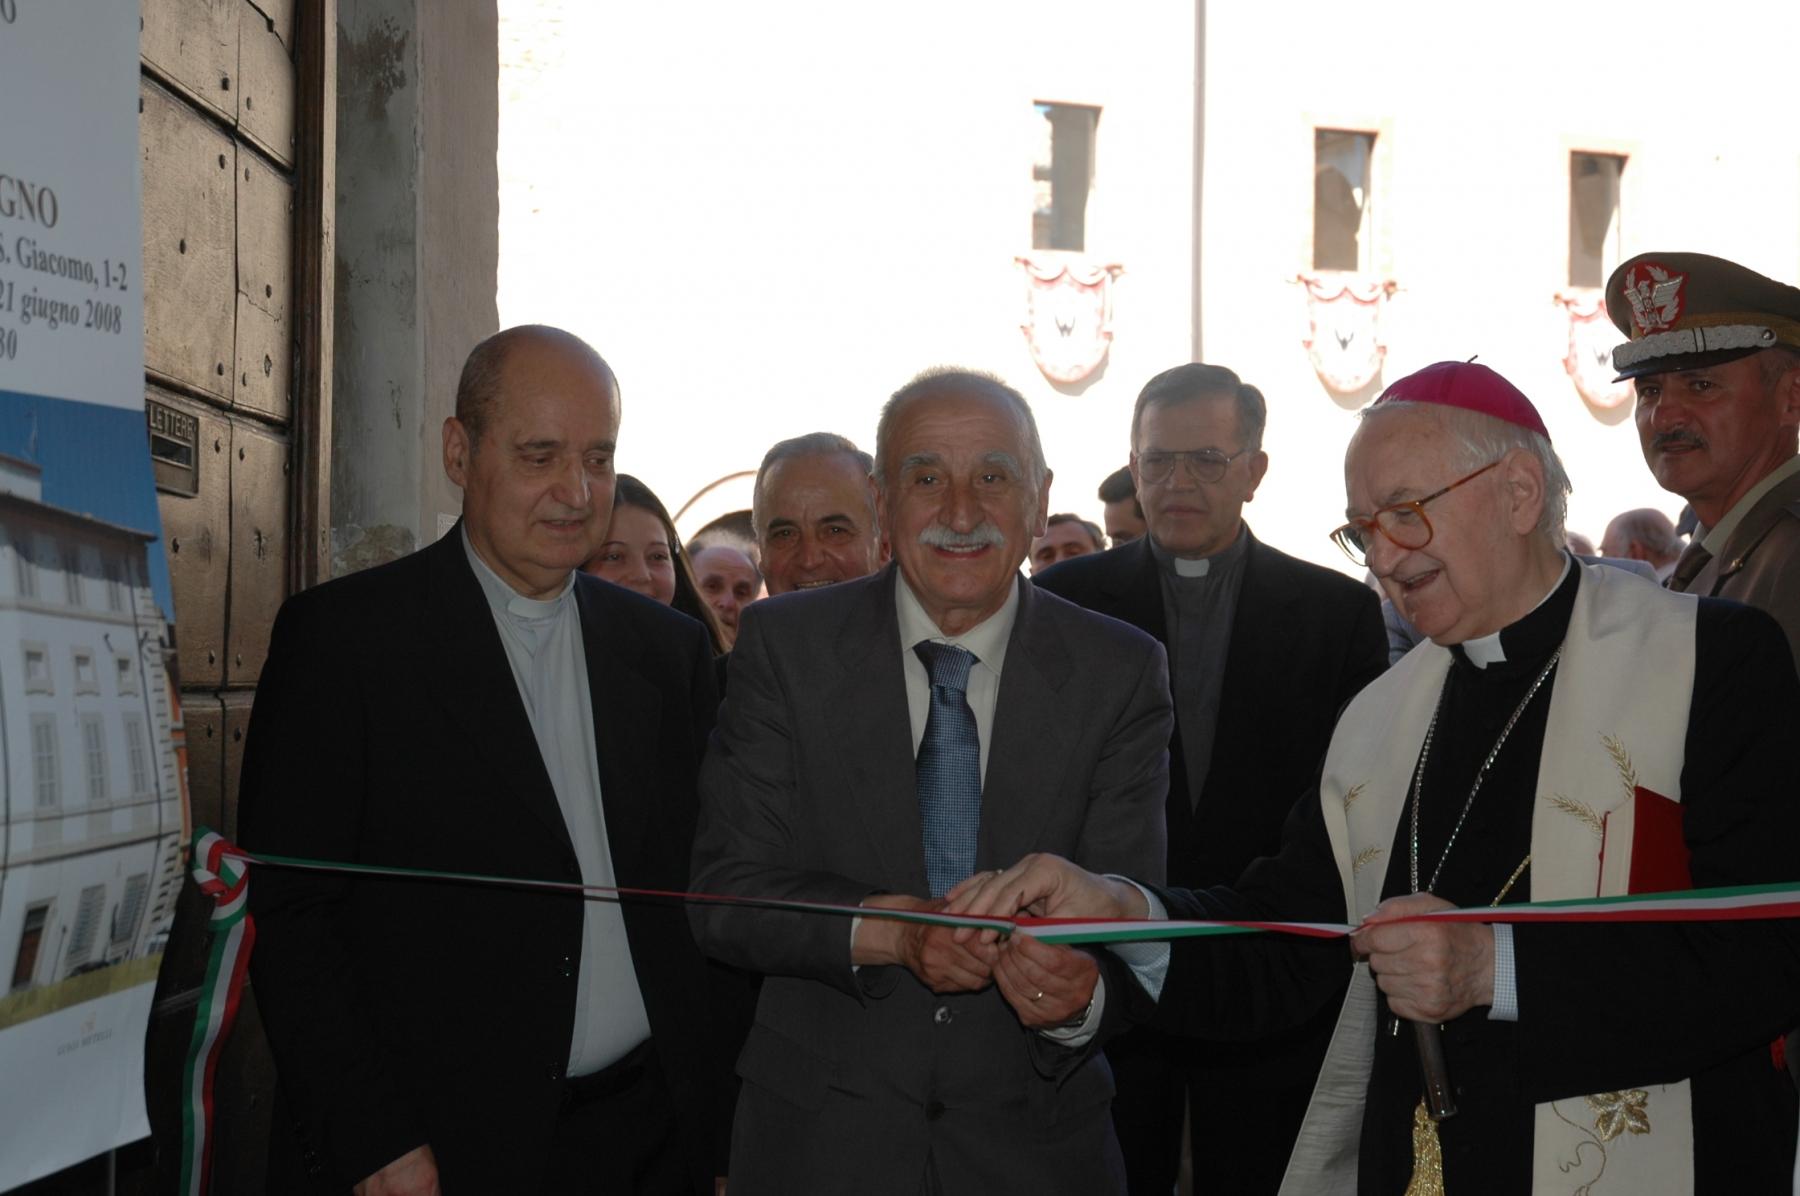 21 giugno 2008. Il vescovo e il sindaco al taglio del nastro.